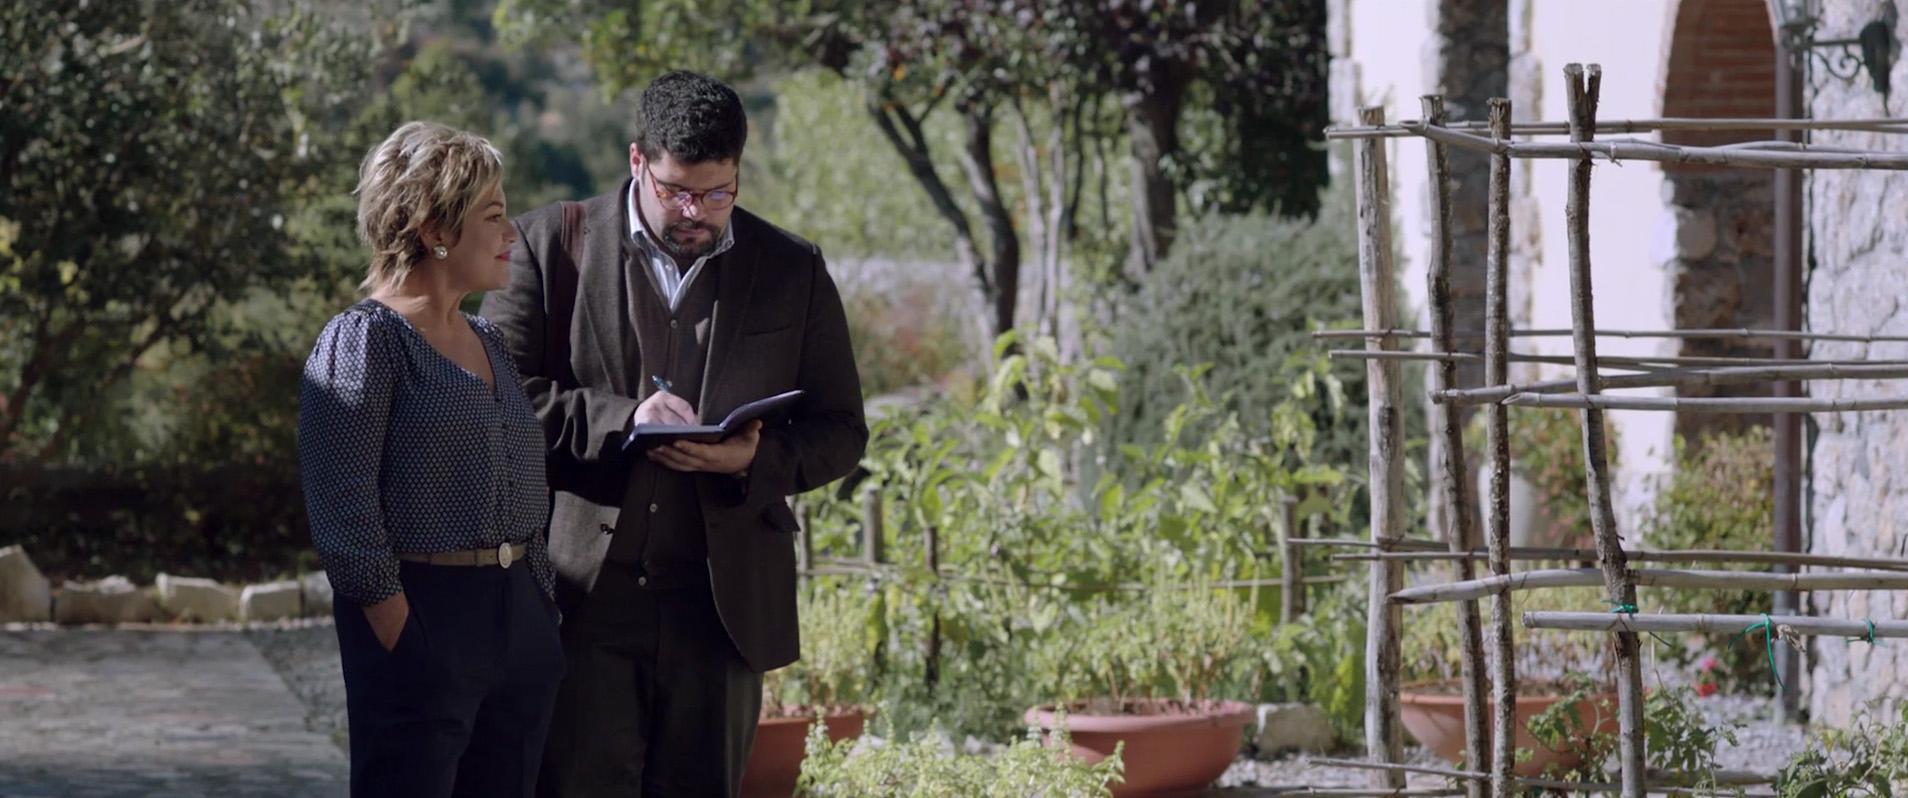 L'eroe: una scena con Salvatore Esposito